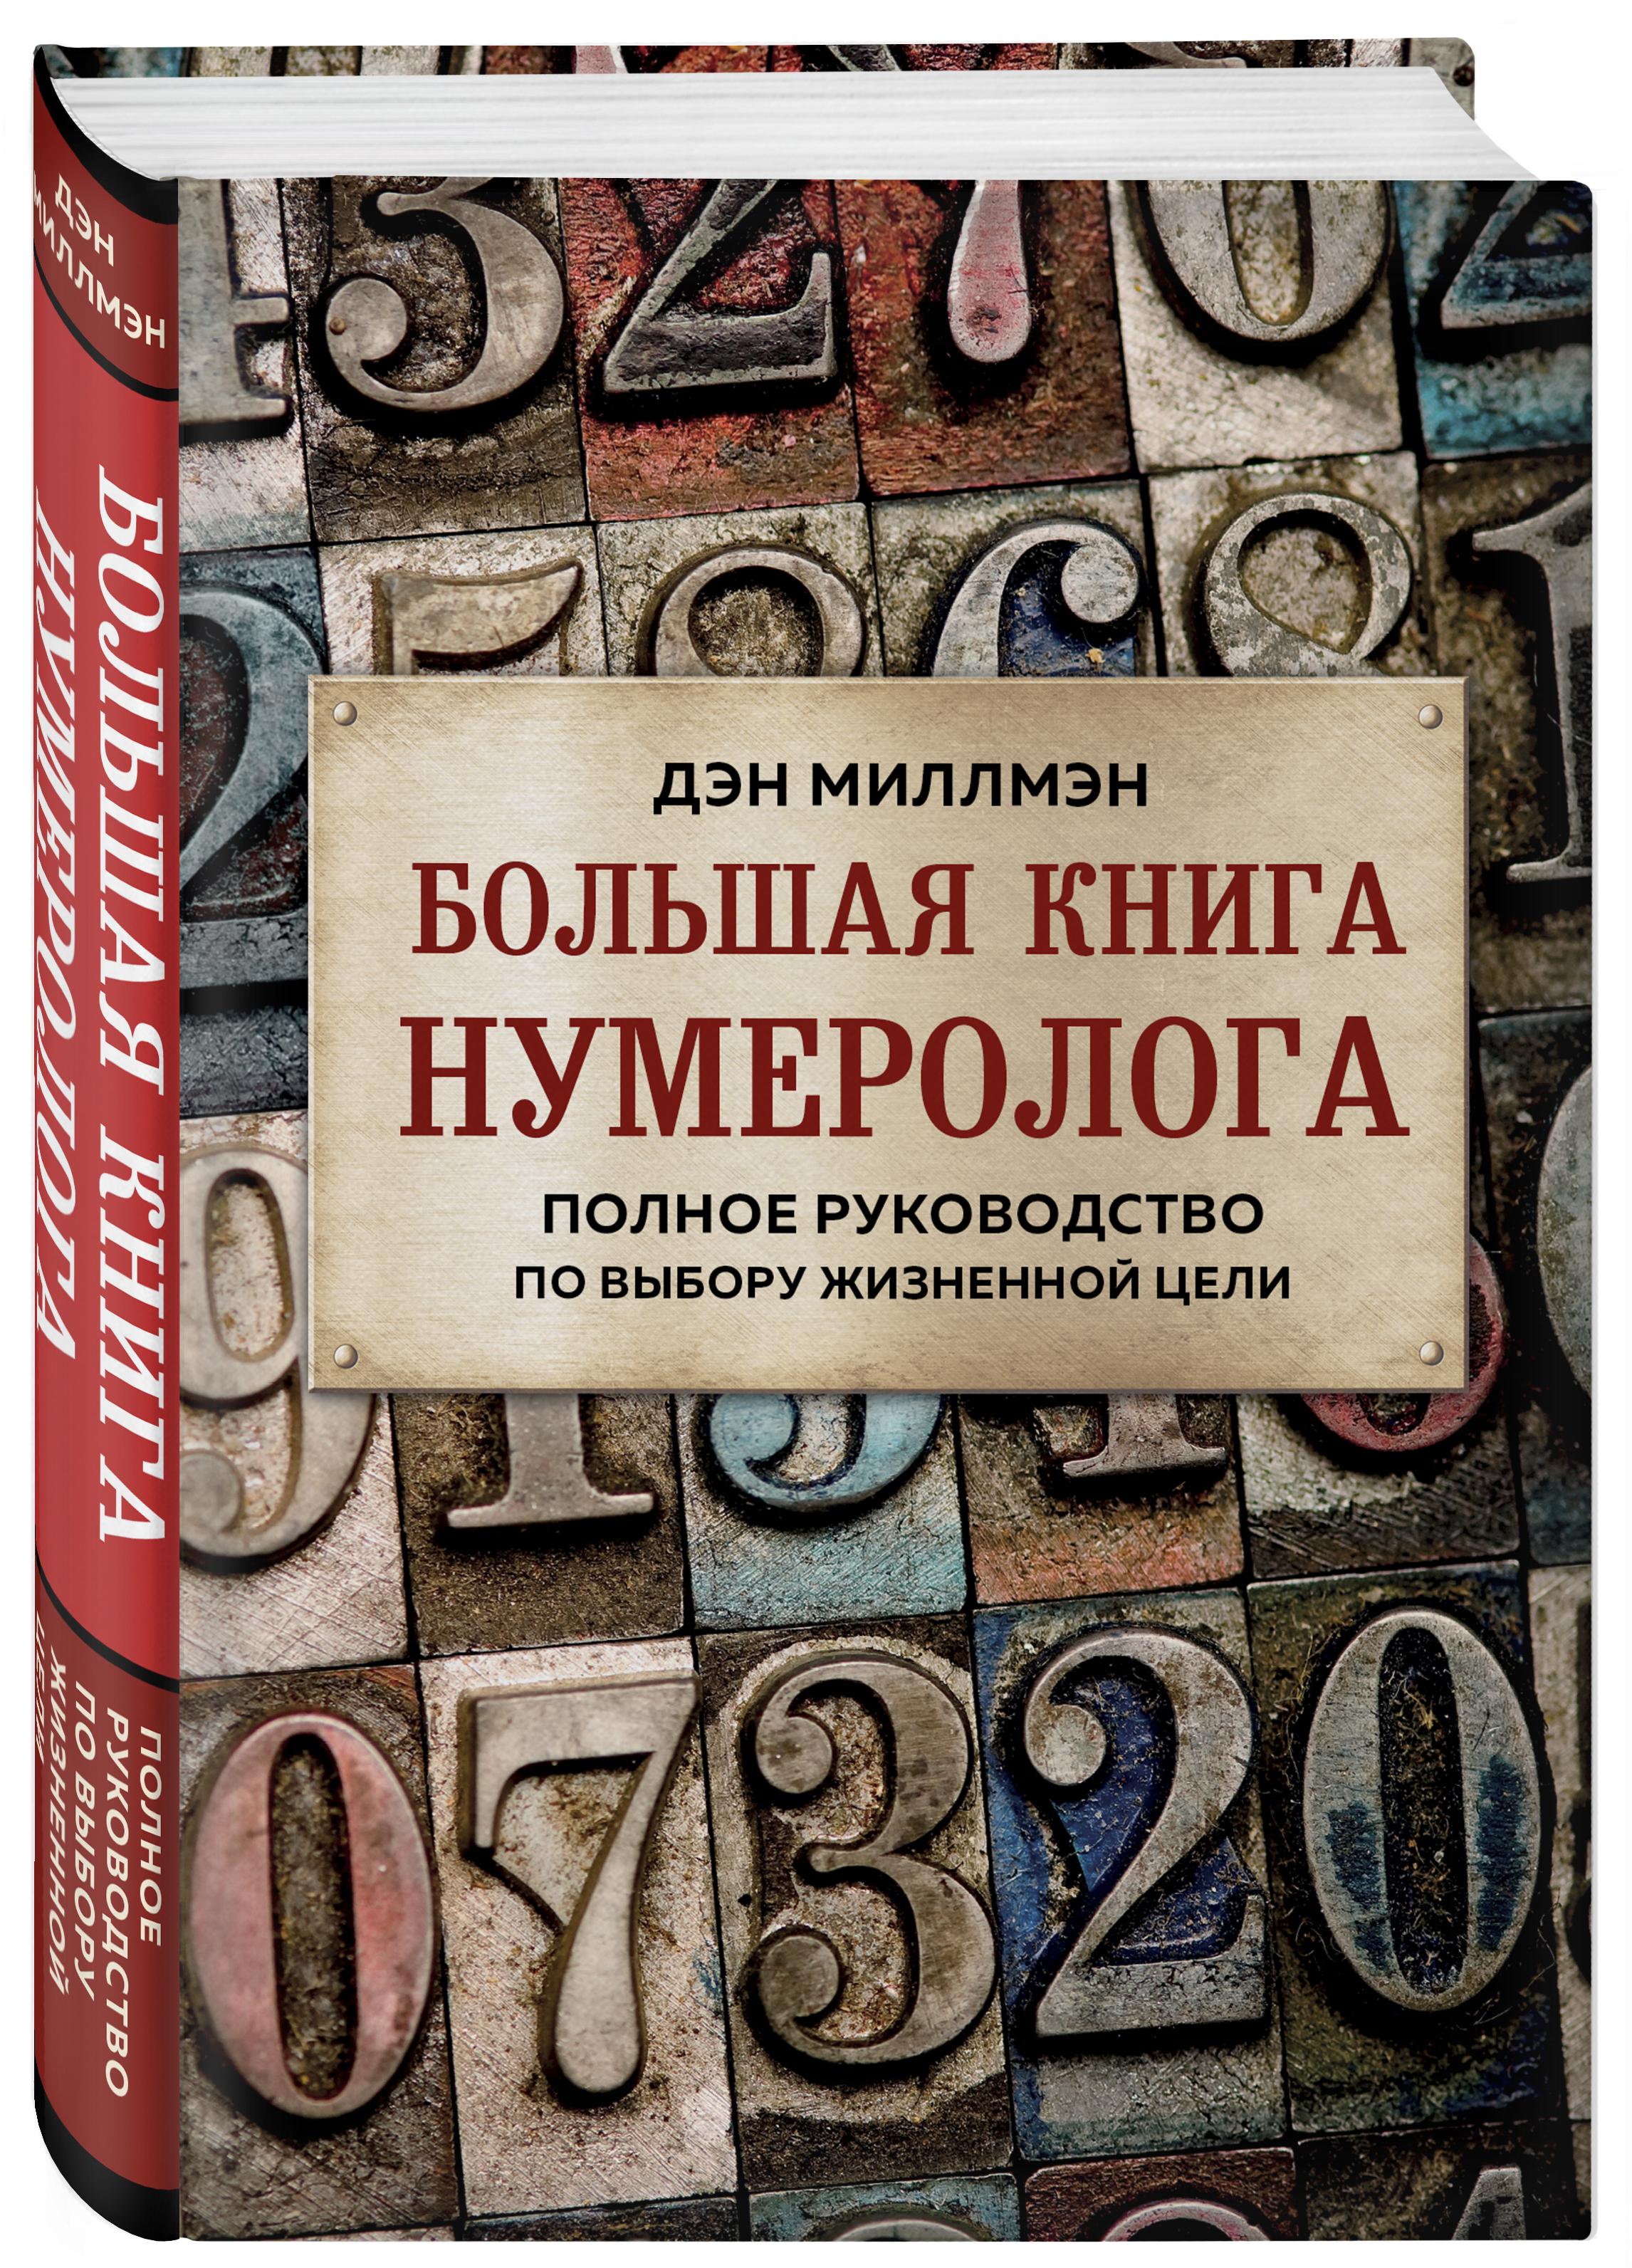 Большая книга нумеролога. Полное руководство по выбору жизненной цели ( Миллмэн Дэн  )